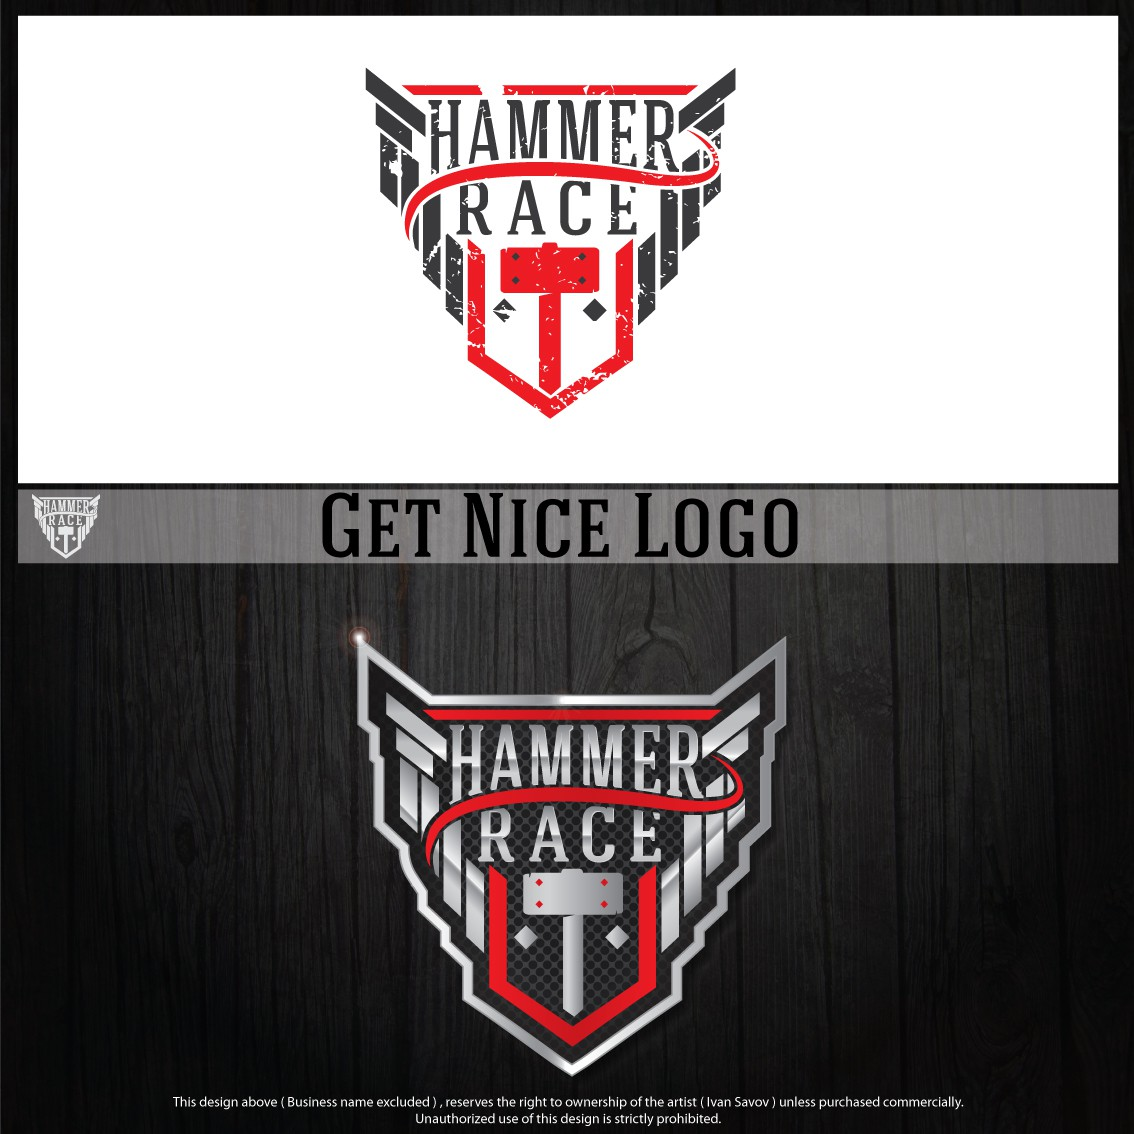 Hammer Race needs a new logo